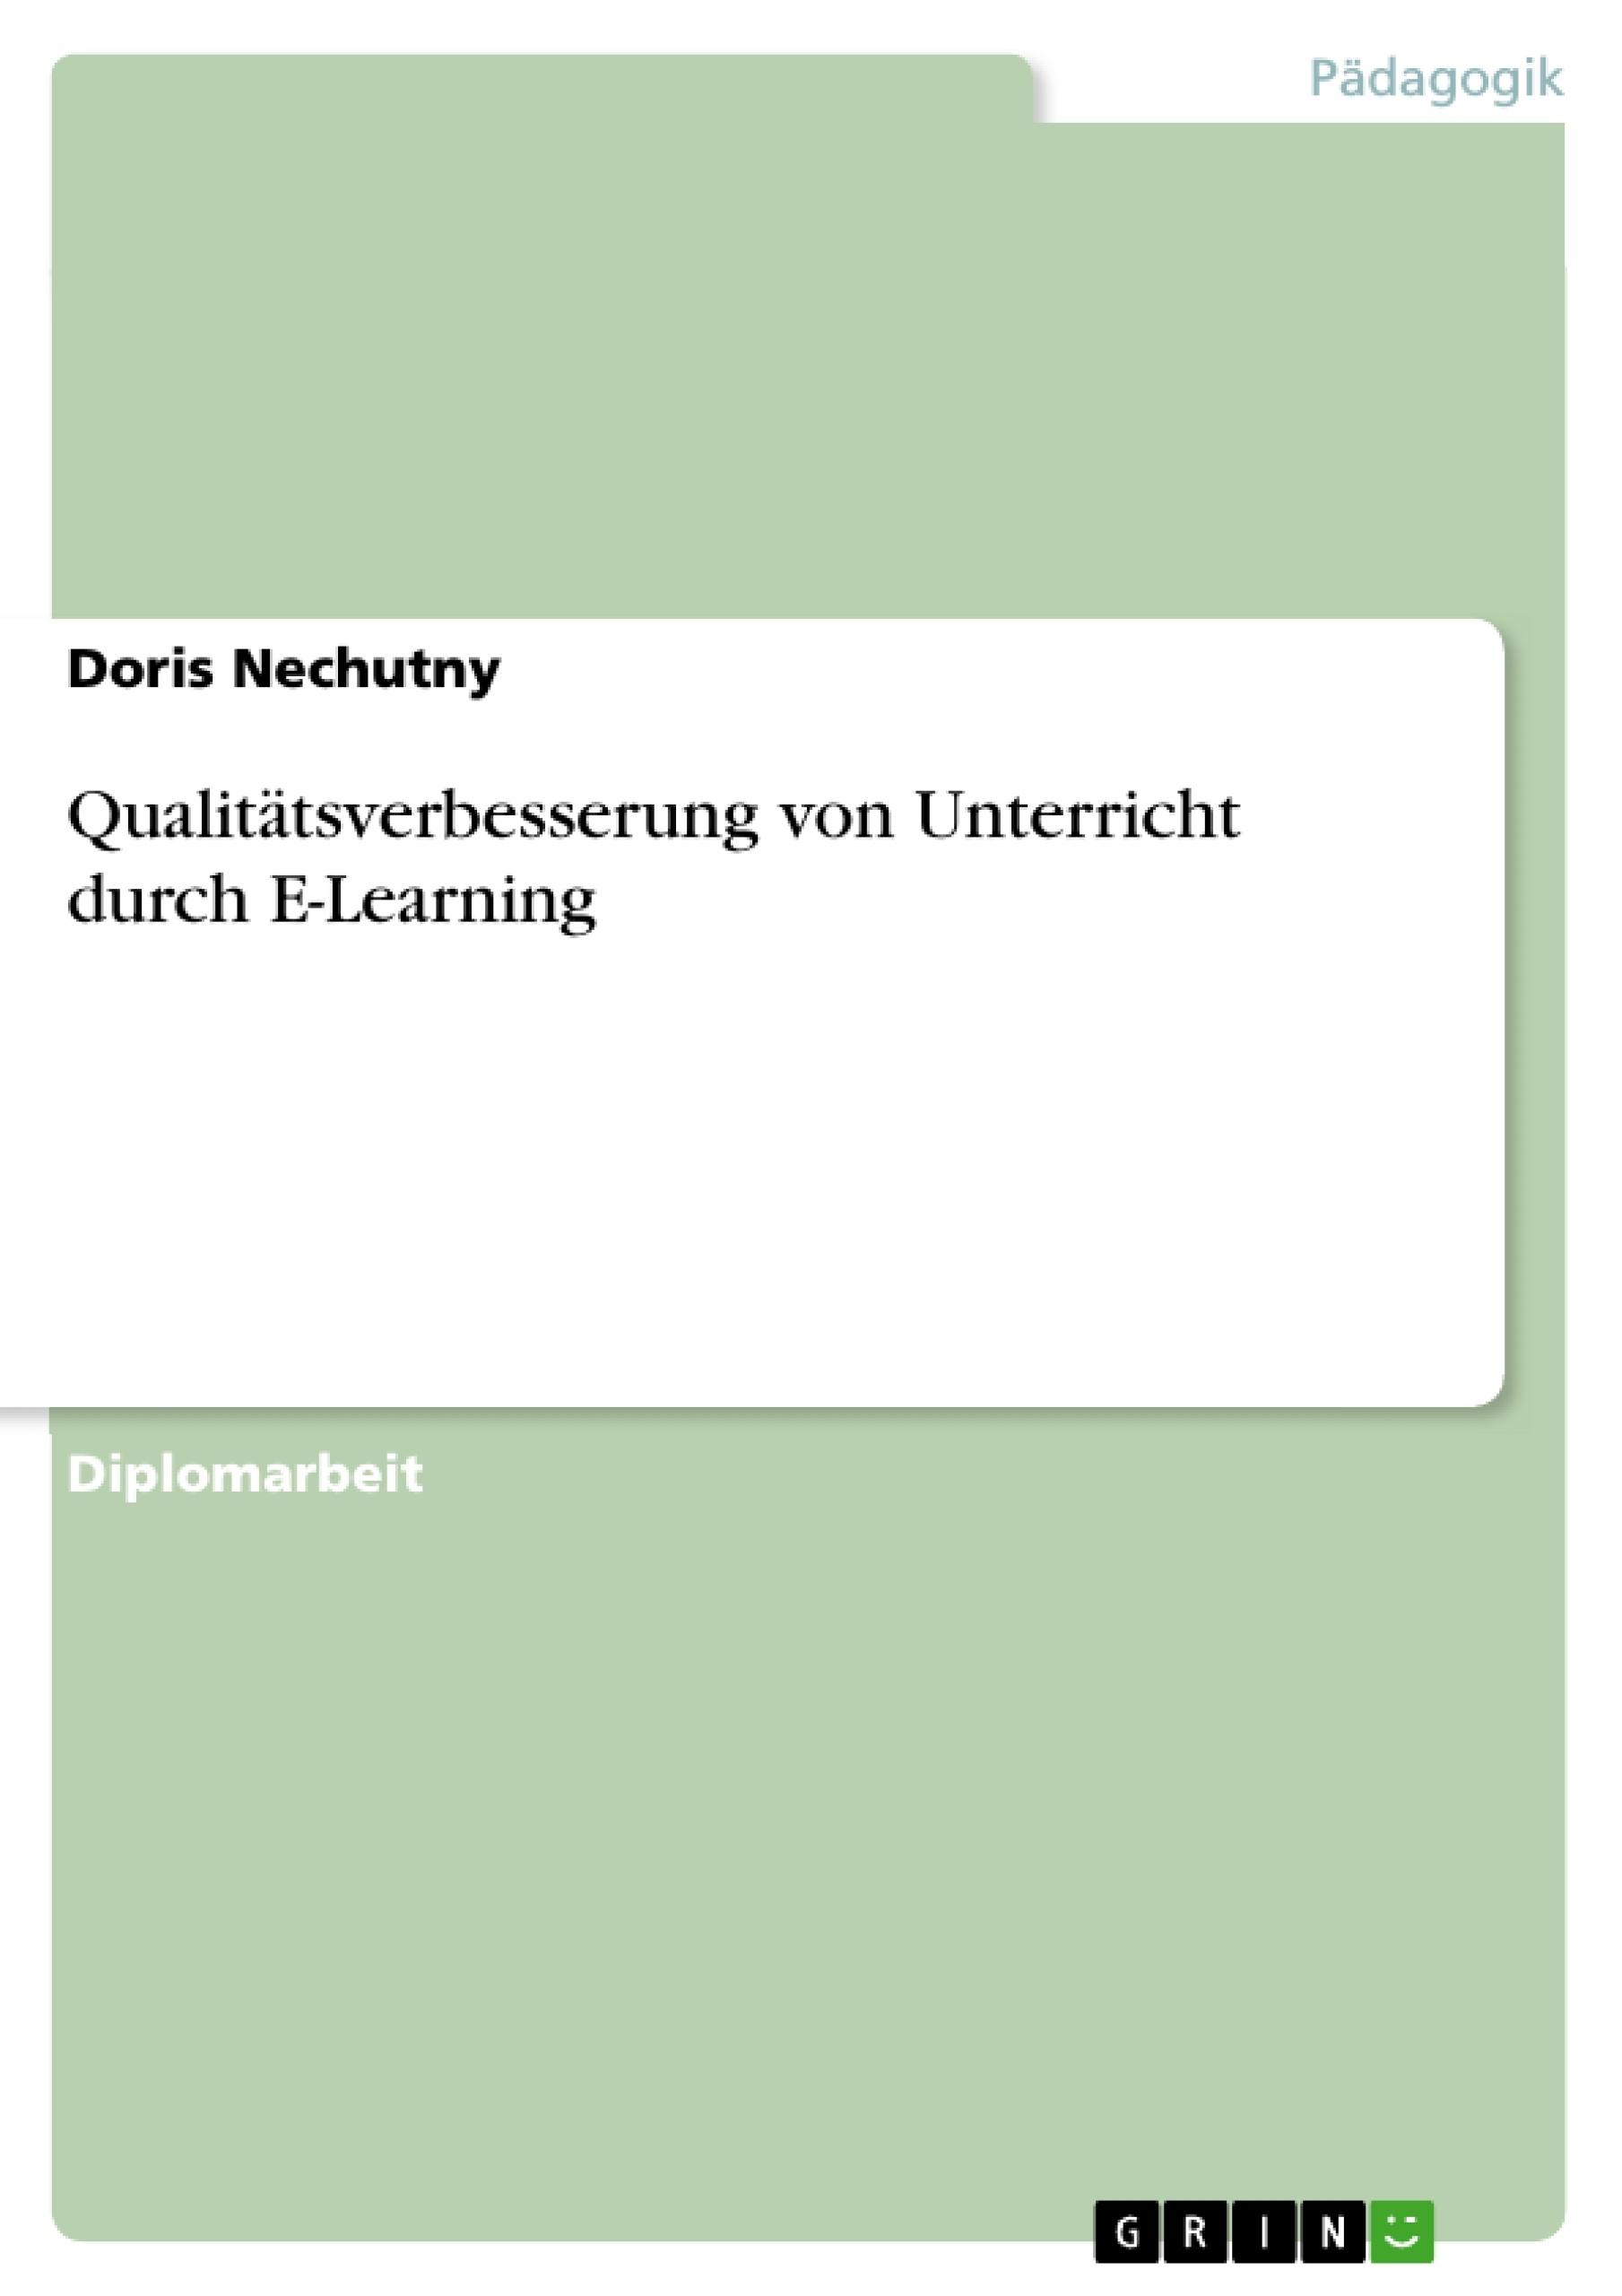 Titel: Qualitätsverbesserung von Unterricht durch E-Learning